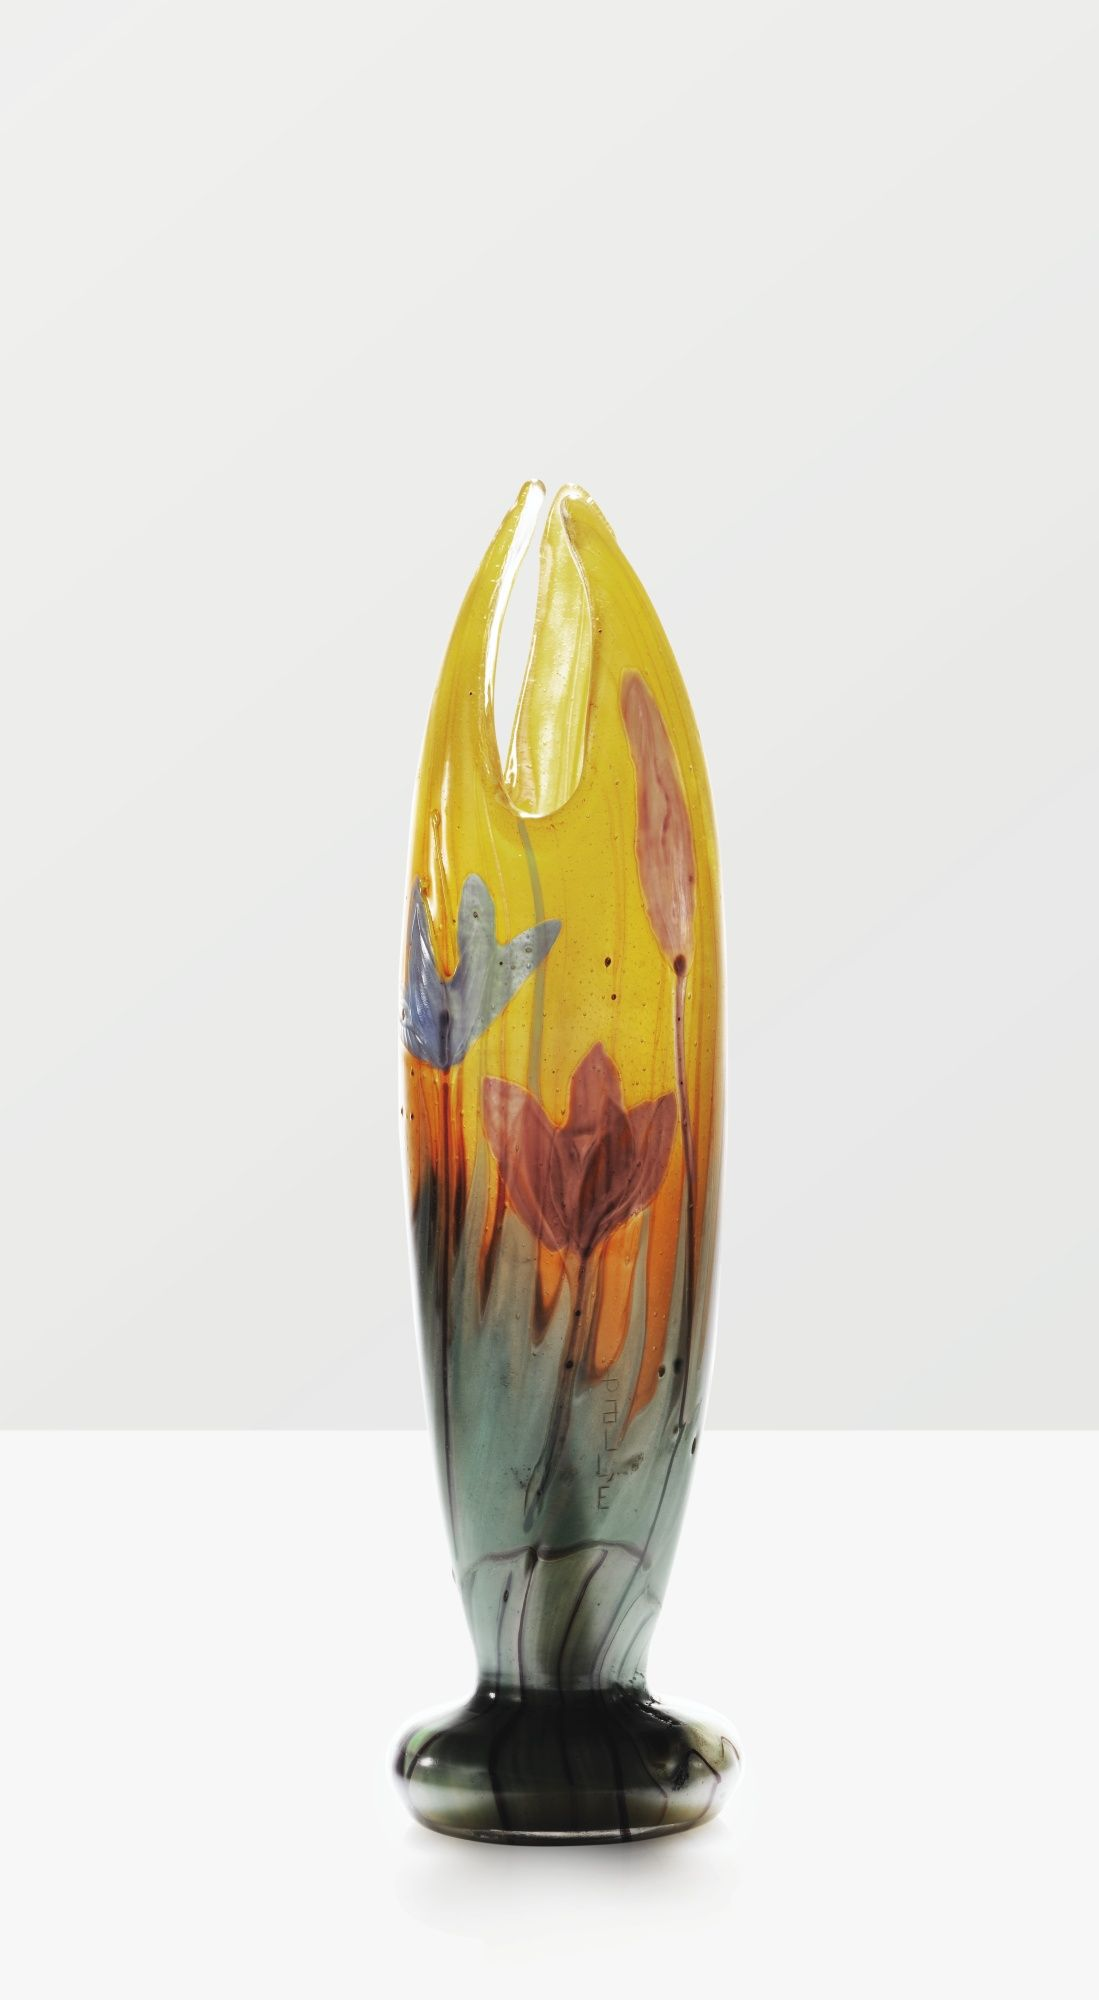 'CROCUS', A MARQUETERIE SUR VERRE GLASS VASE BY EMILE GALLÉ, CIRCA 1898-1900. SIGNED